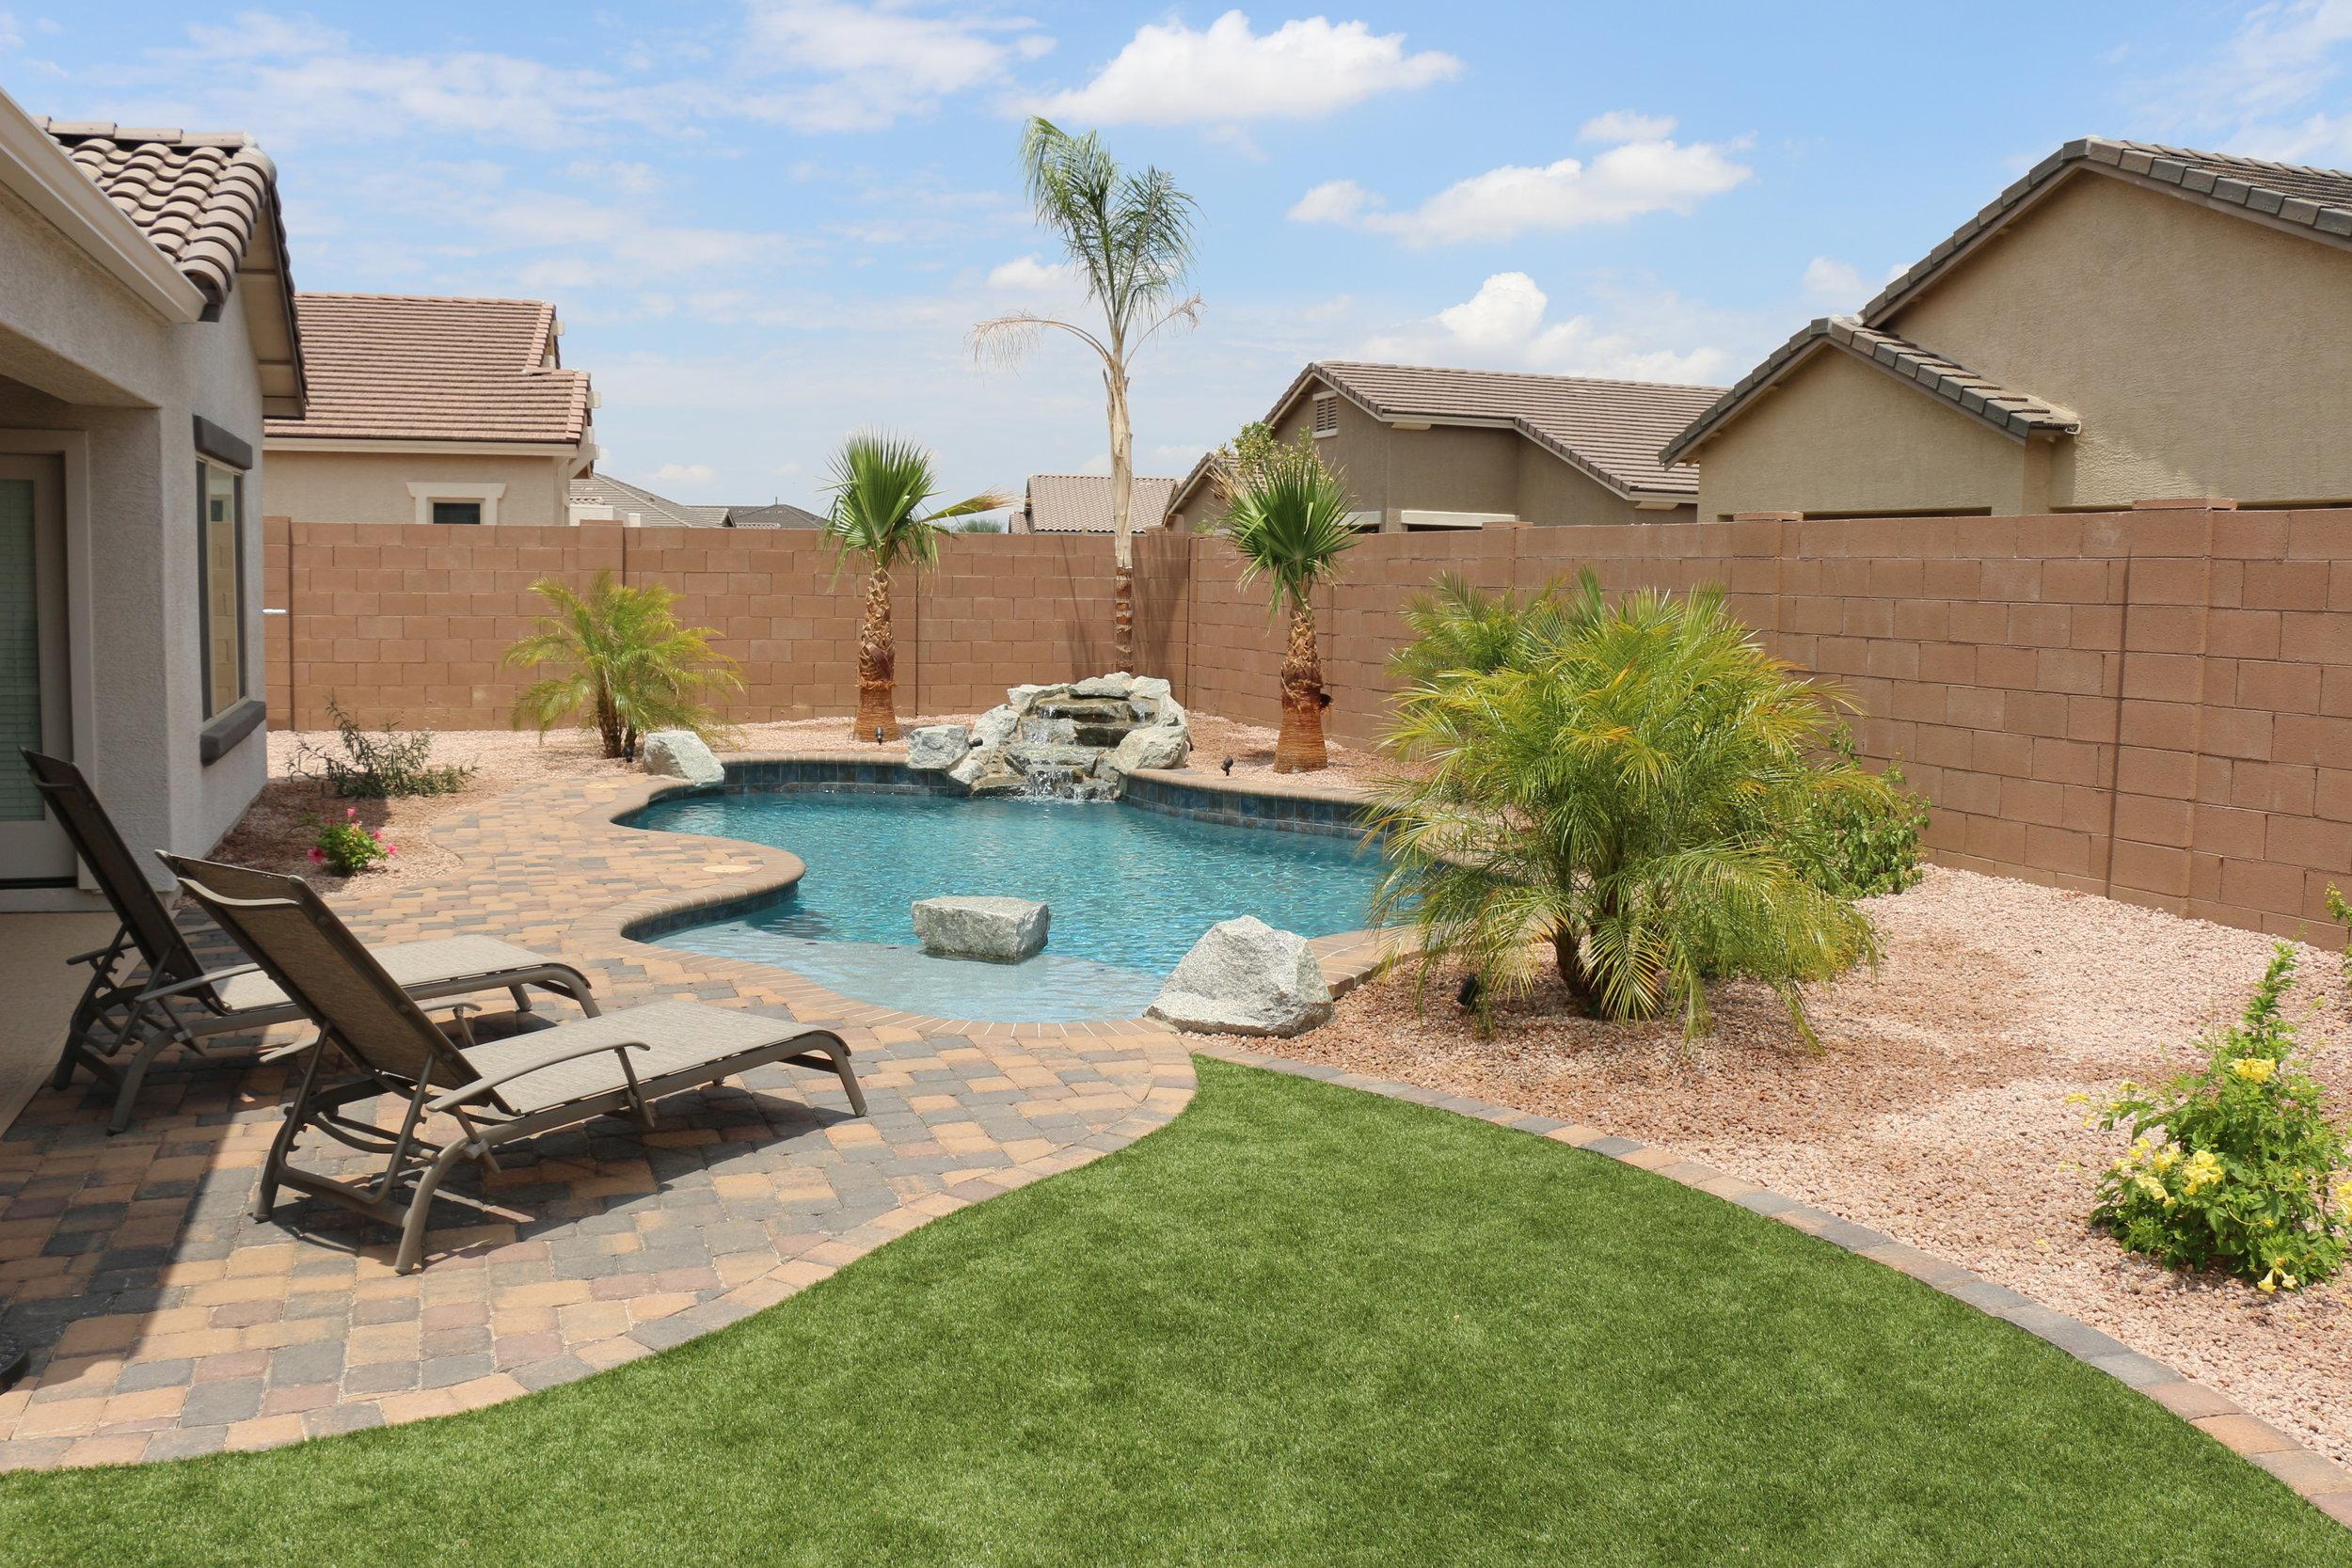 Backyard Design Ideas Budget